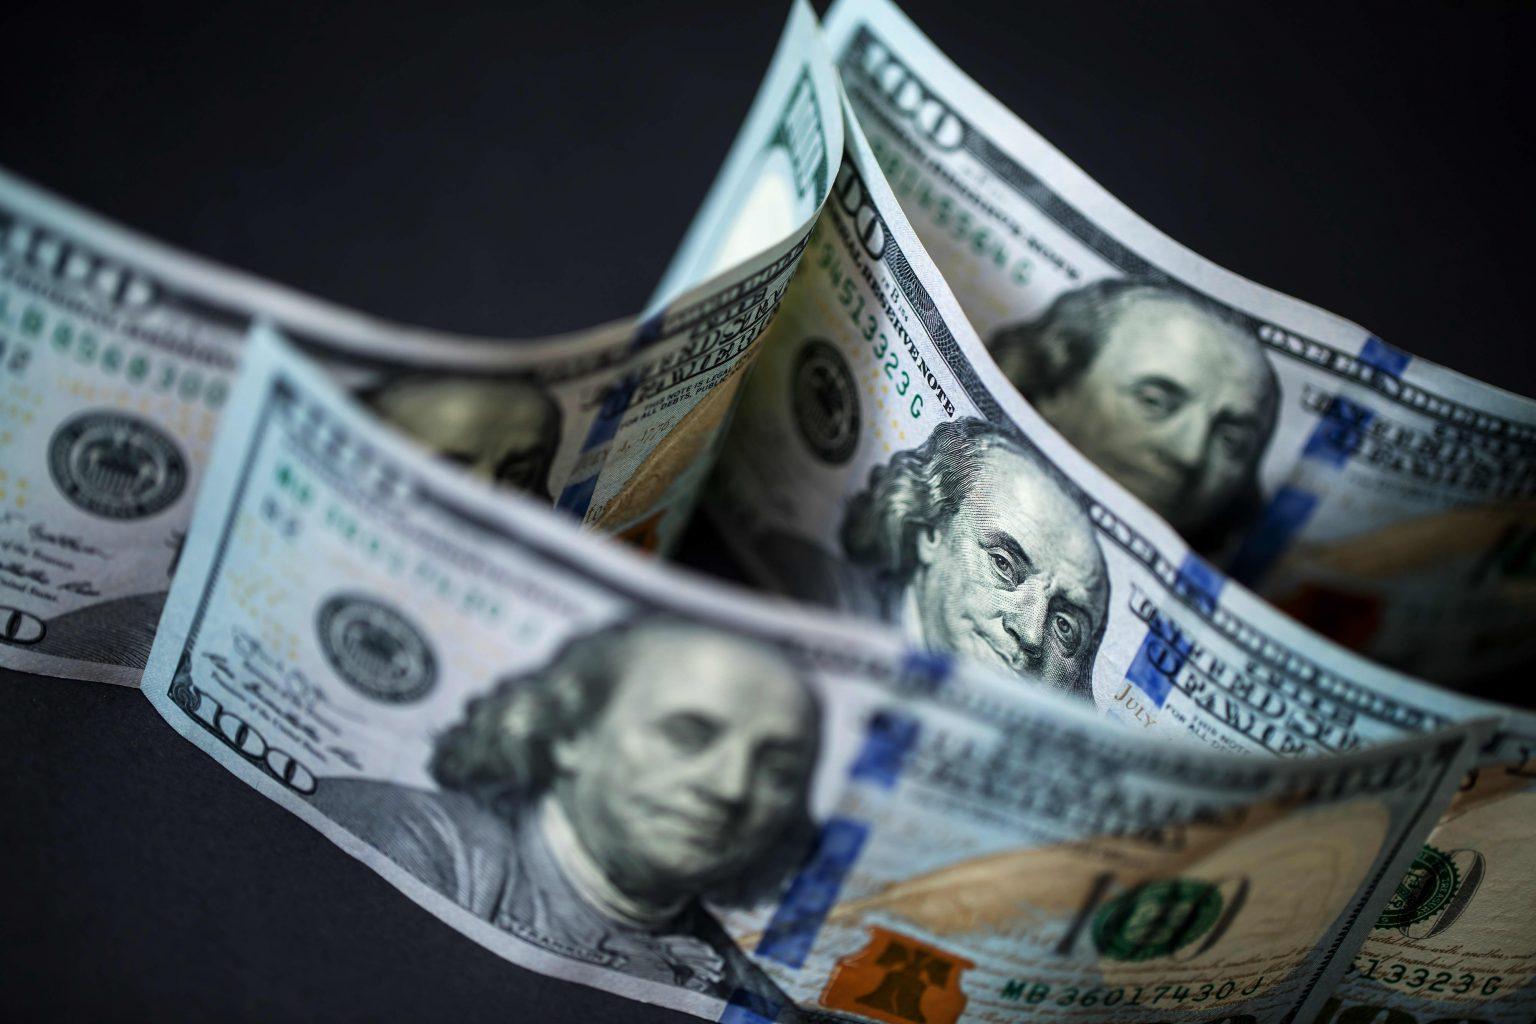 سعر الدولار اليوم الإثنين 7 يونيو 2021 مقابل الجنيه المصري وتوقعات أسعار العملة الأمريكية 4